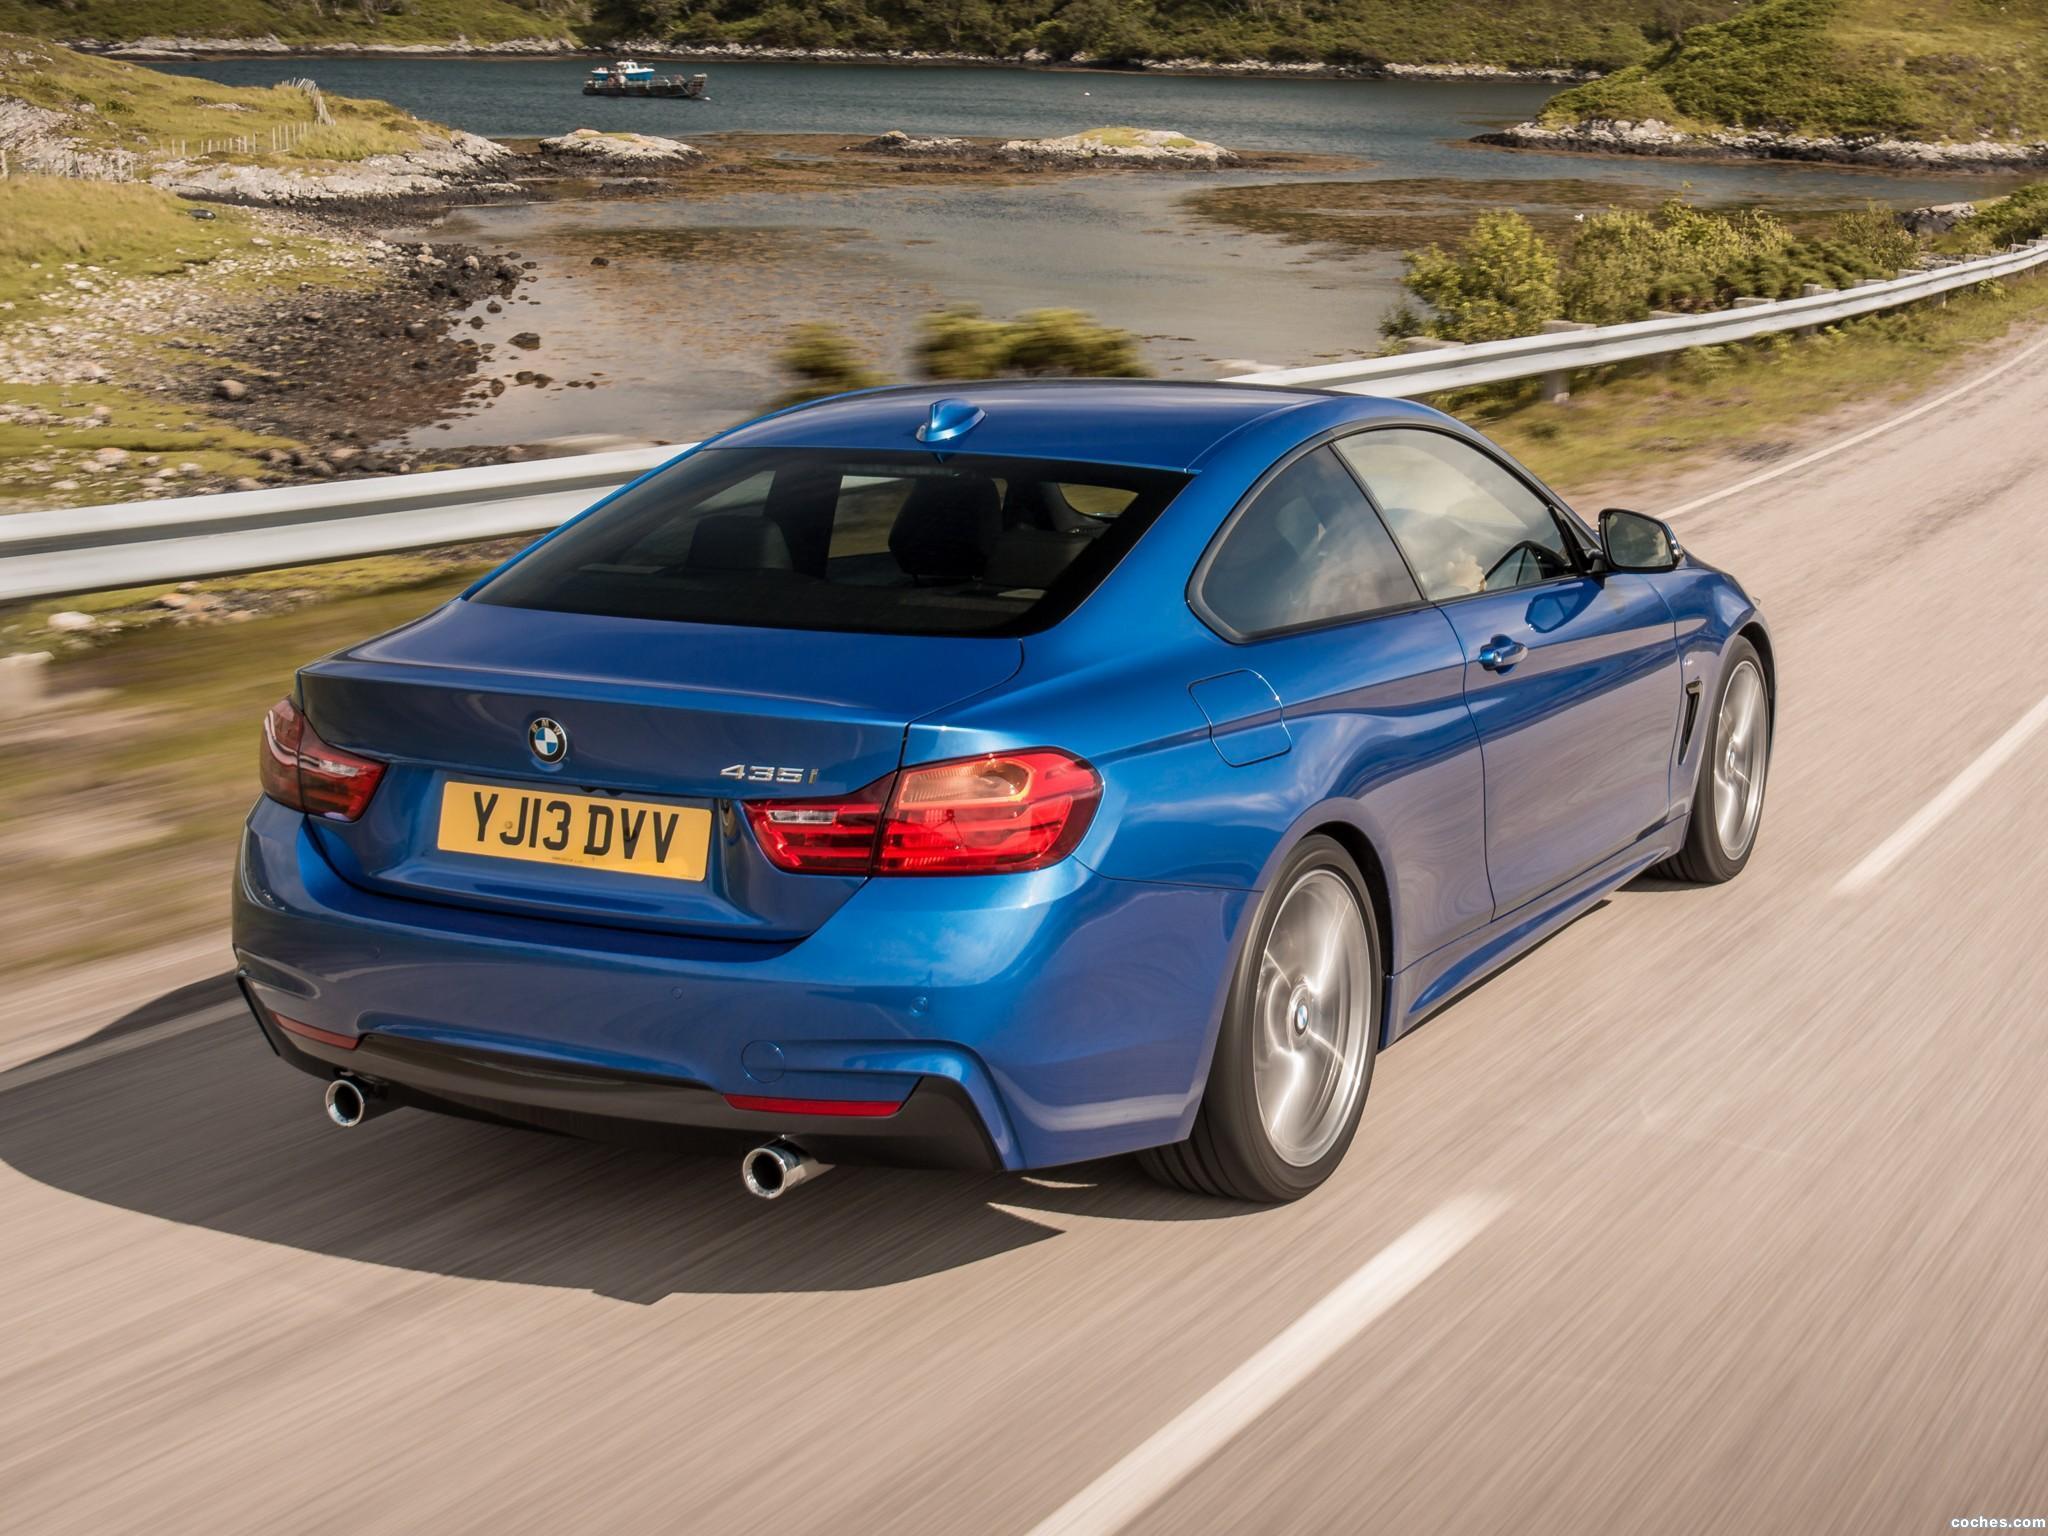 Foto 1 de BMW Serie 4 420d Coupe M Sport Package UK F32 2013